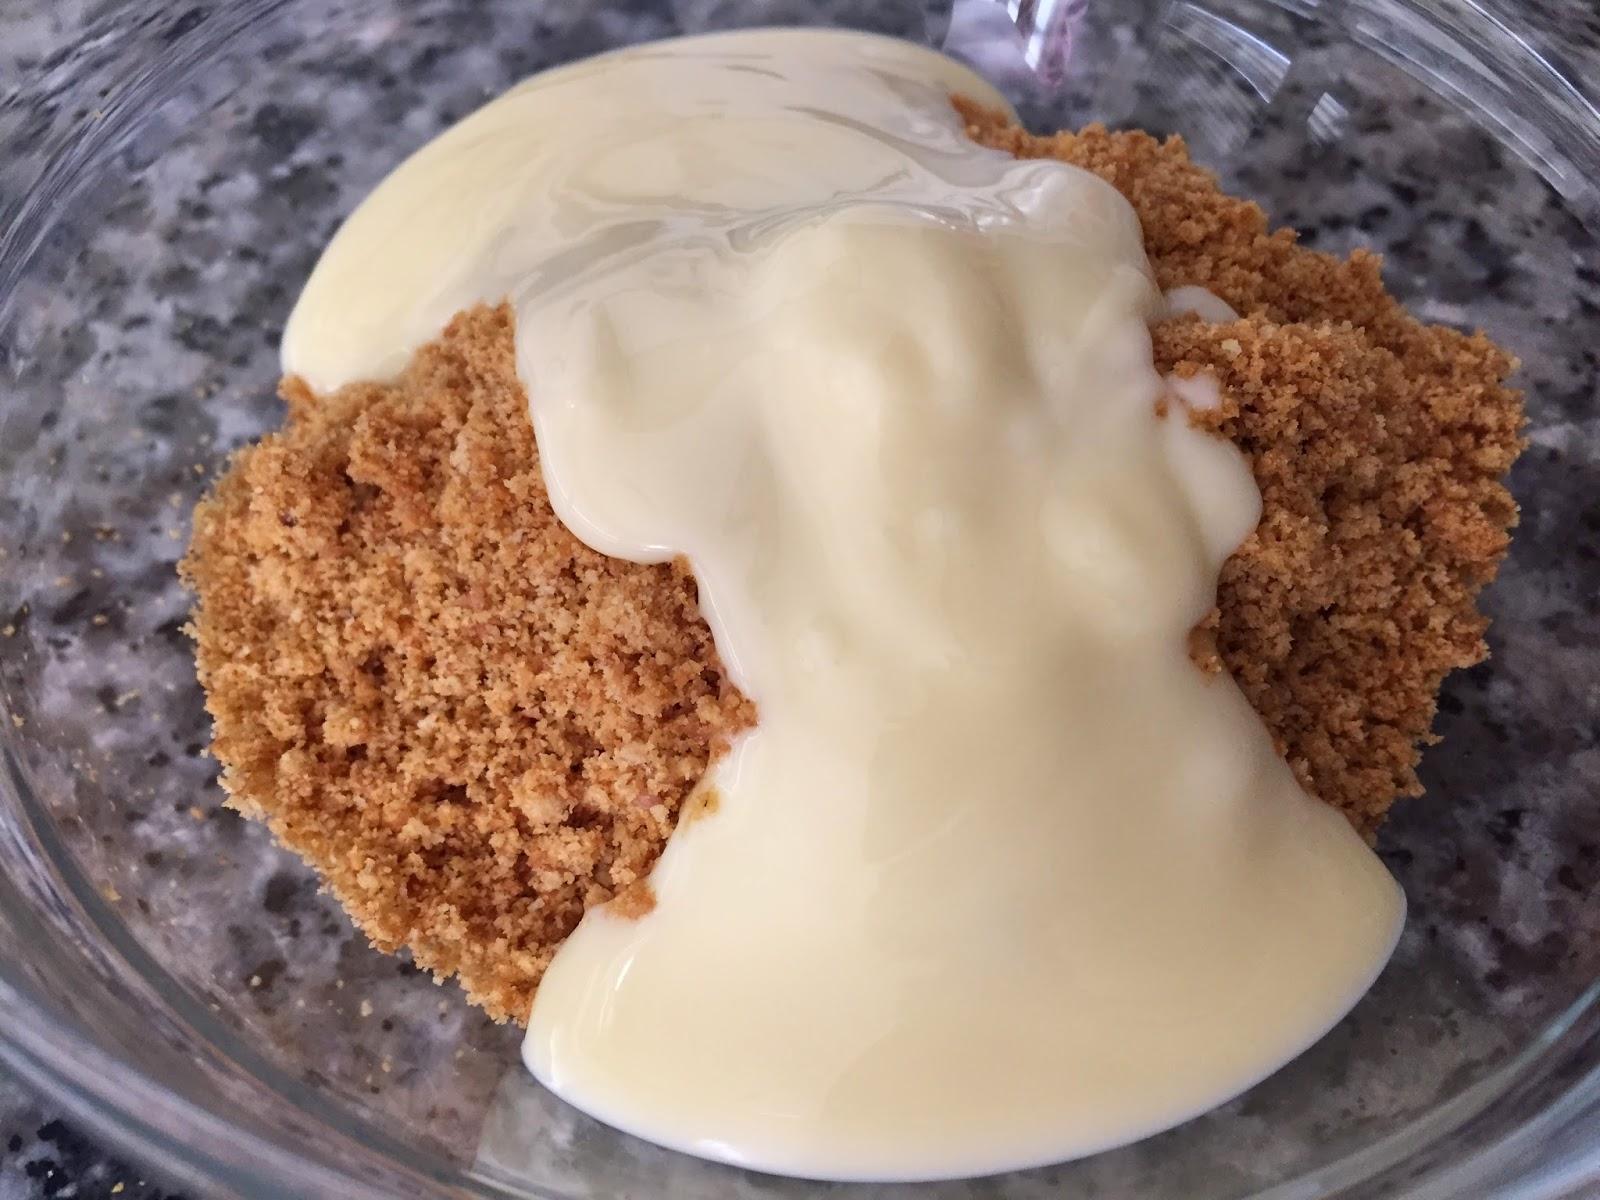 Cheesecake de nocilla blanca y frambuesas, mezclando galletas y mantequilla.